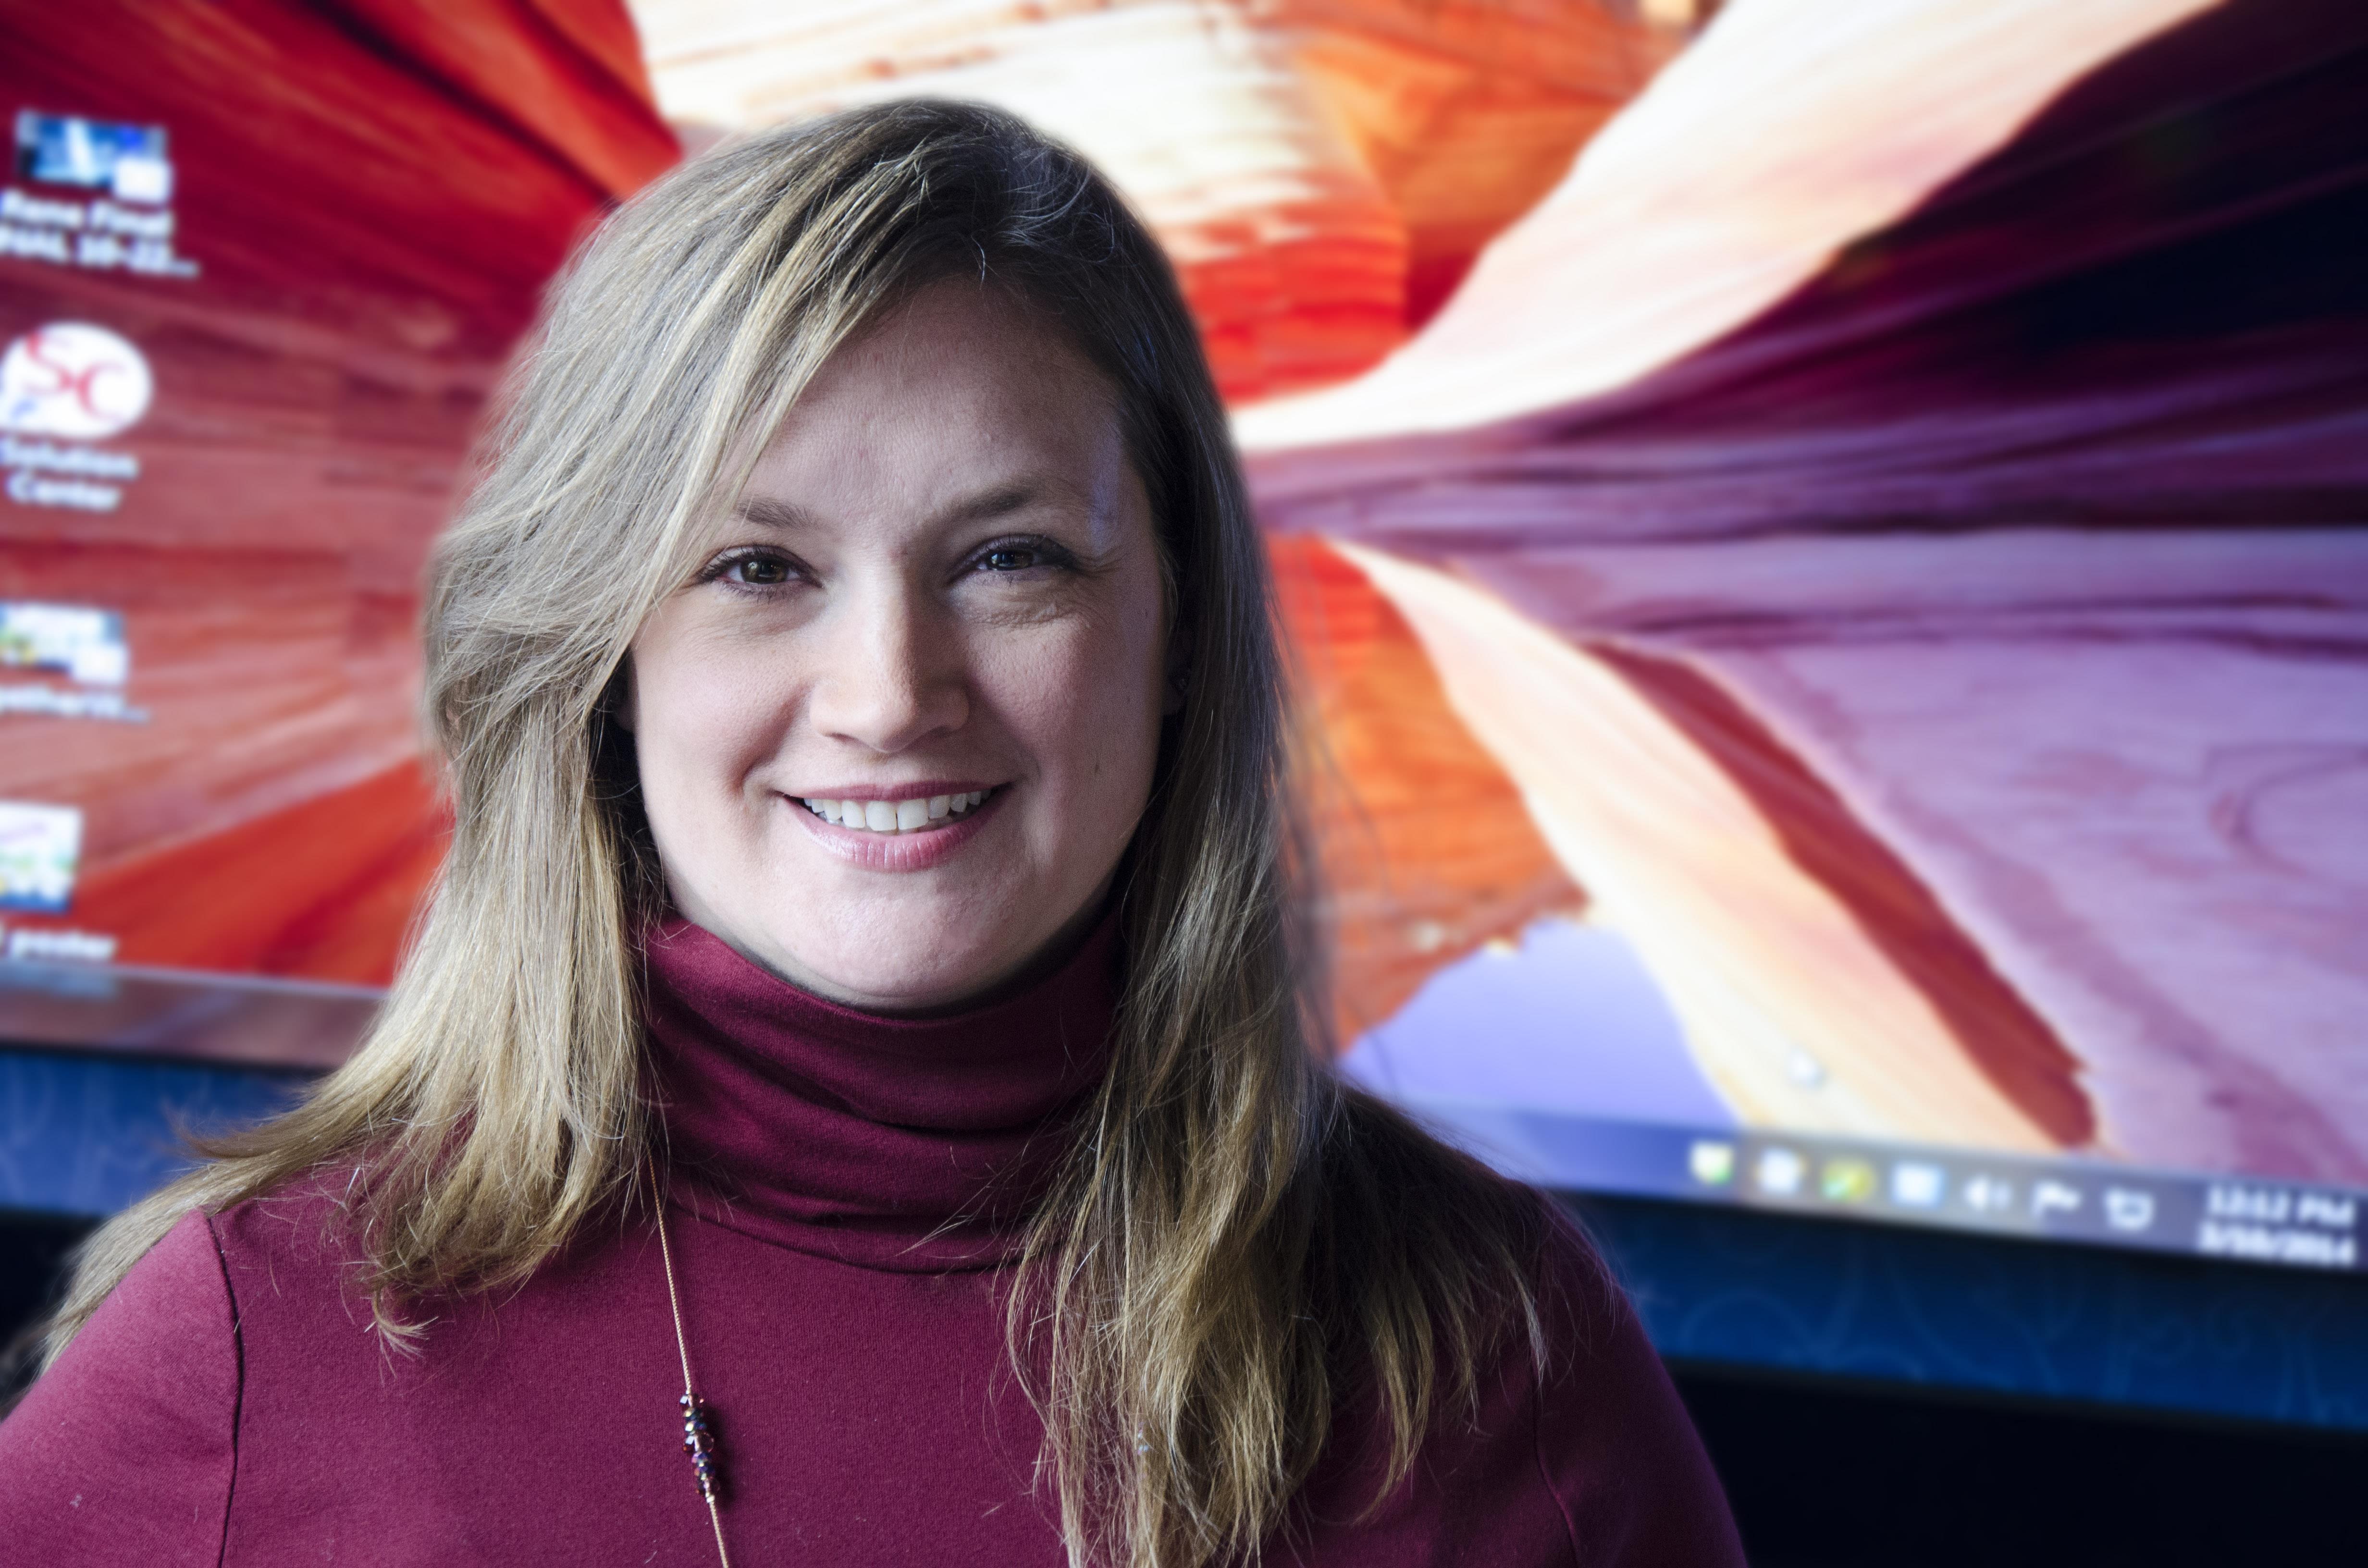 Pattie Hallock